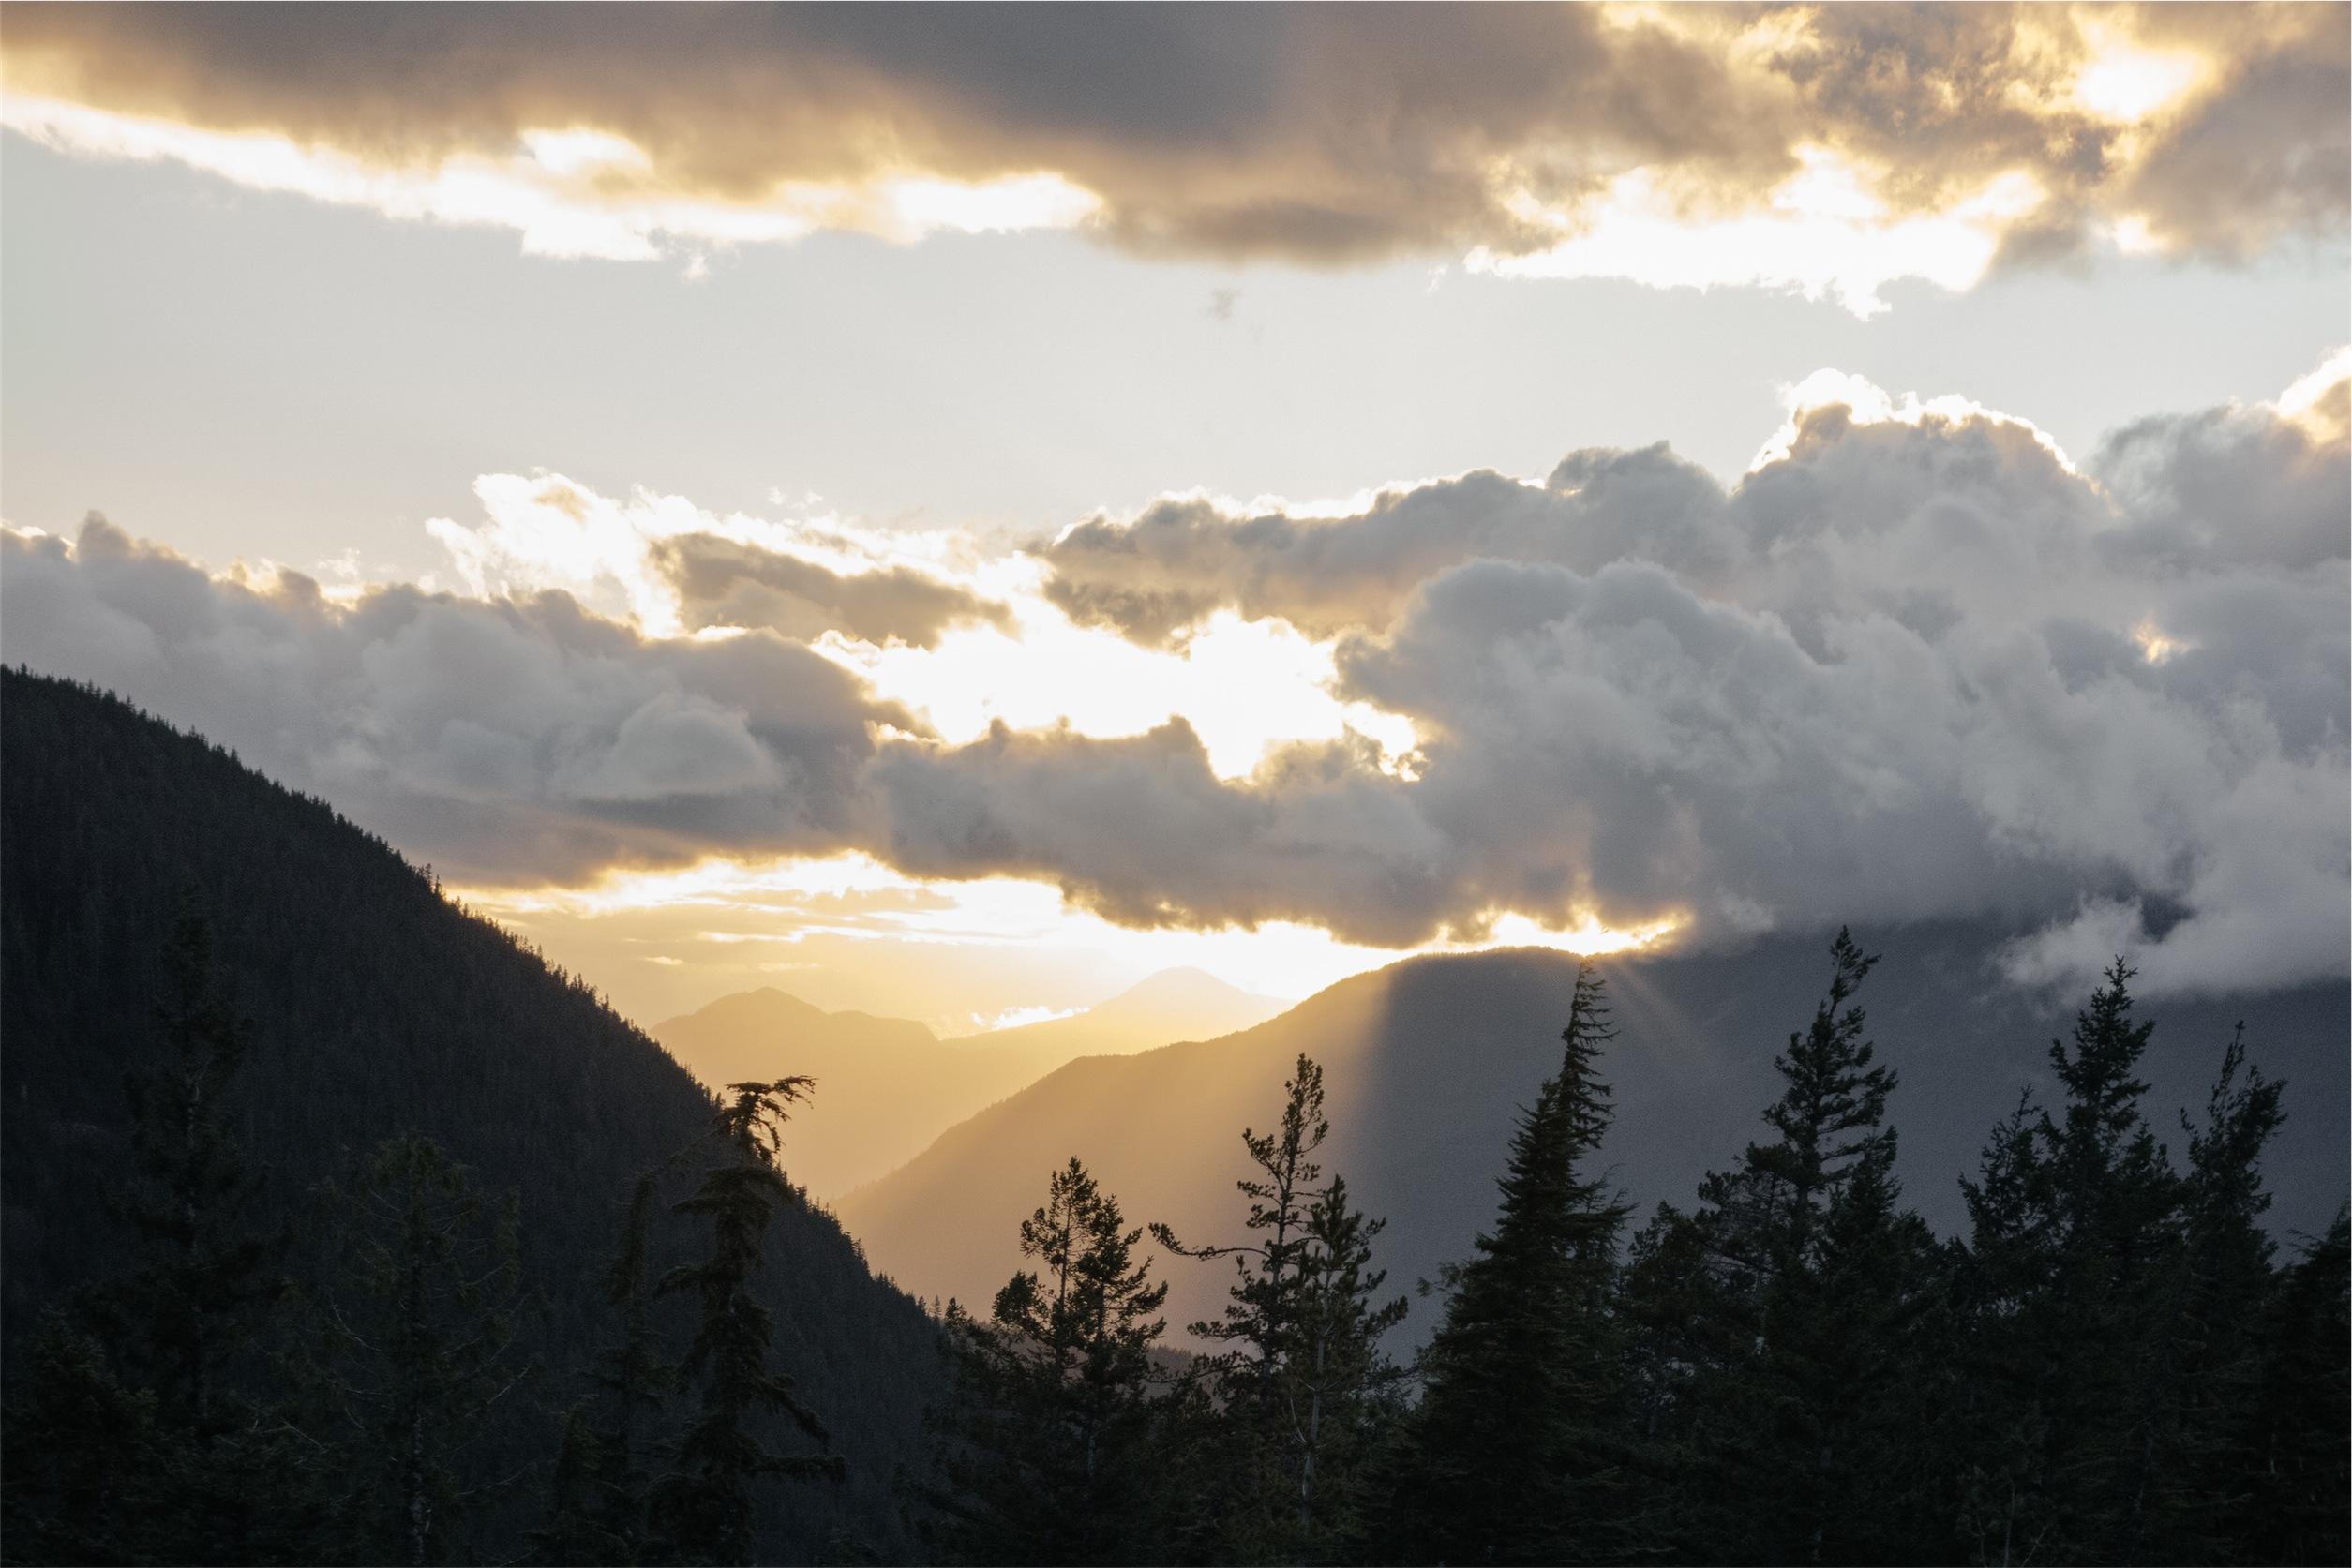 montagne par Ali Inay